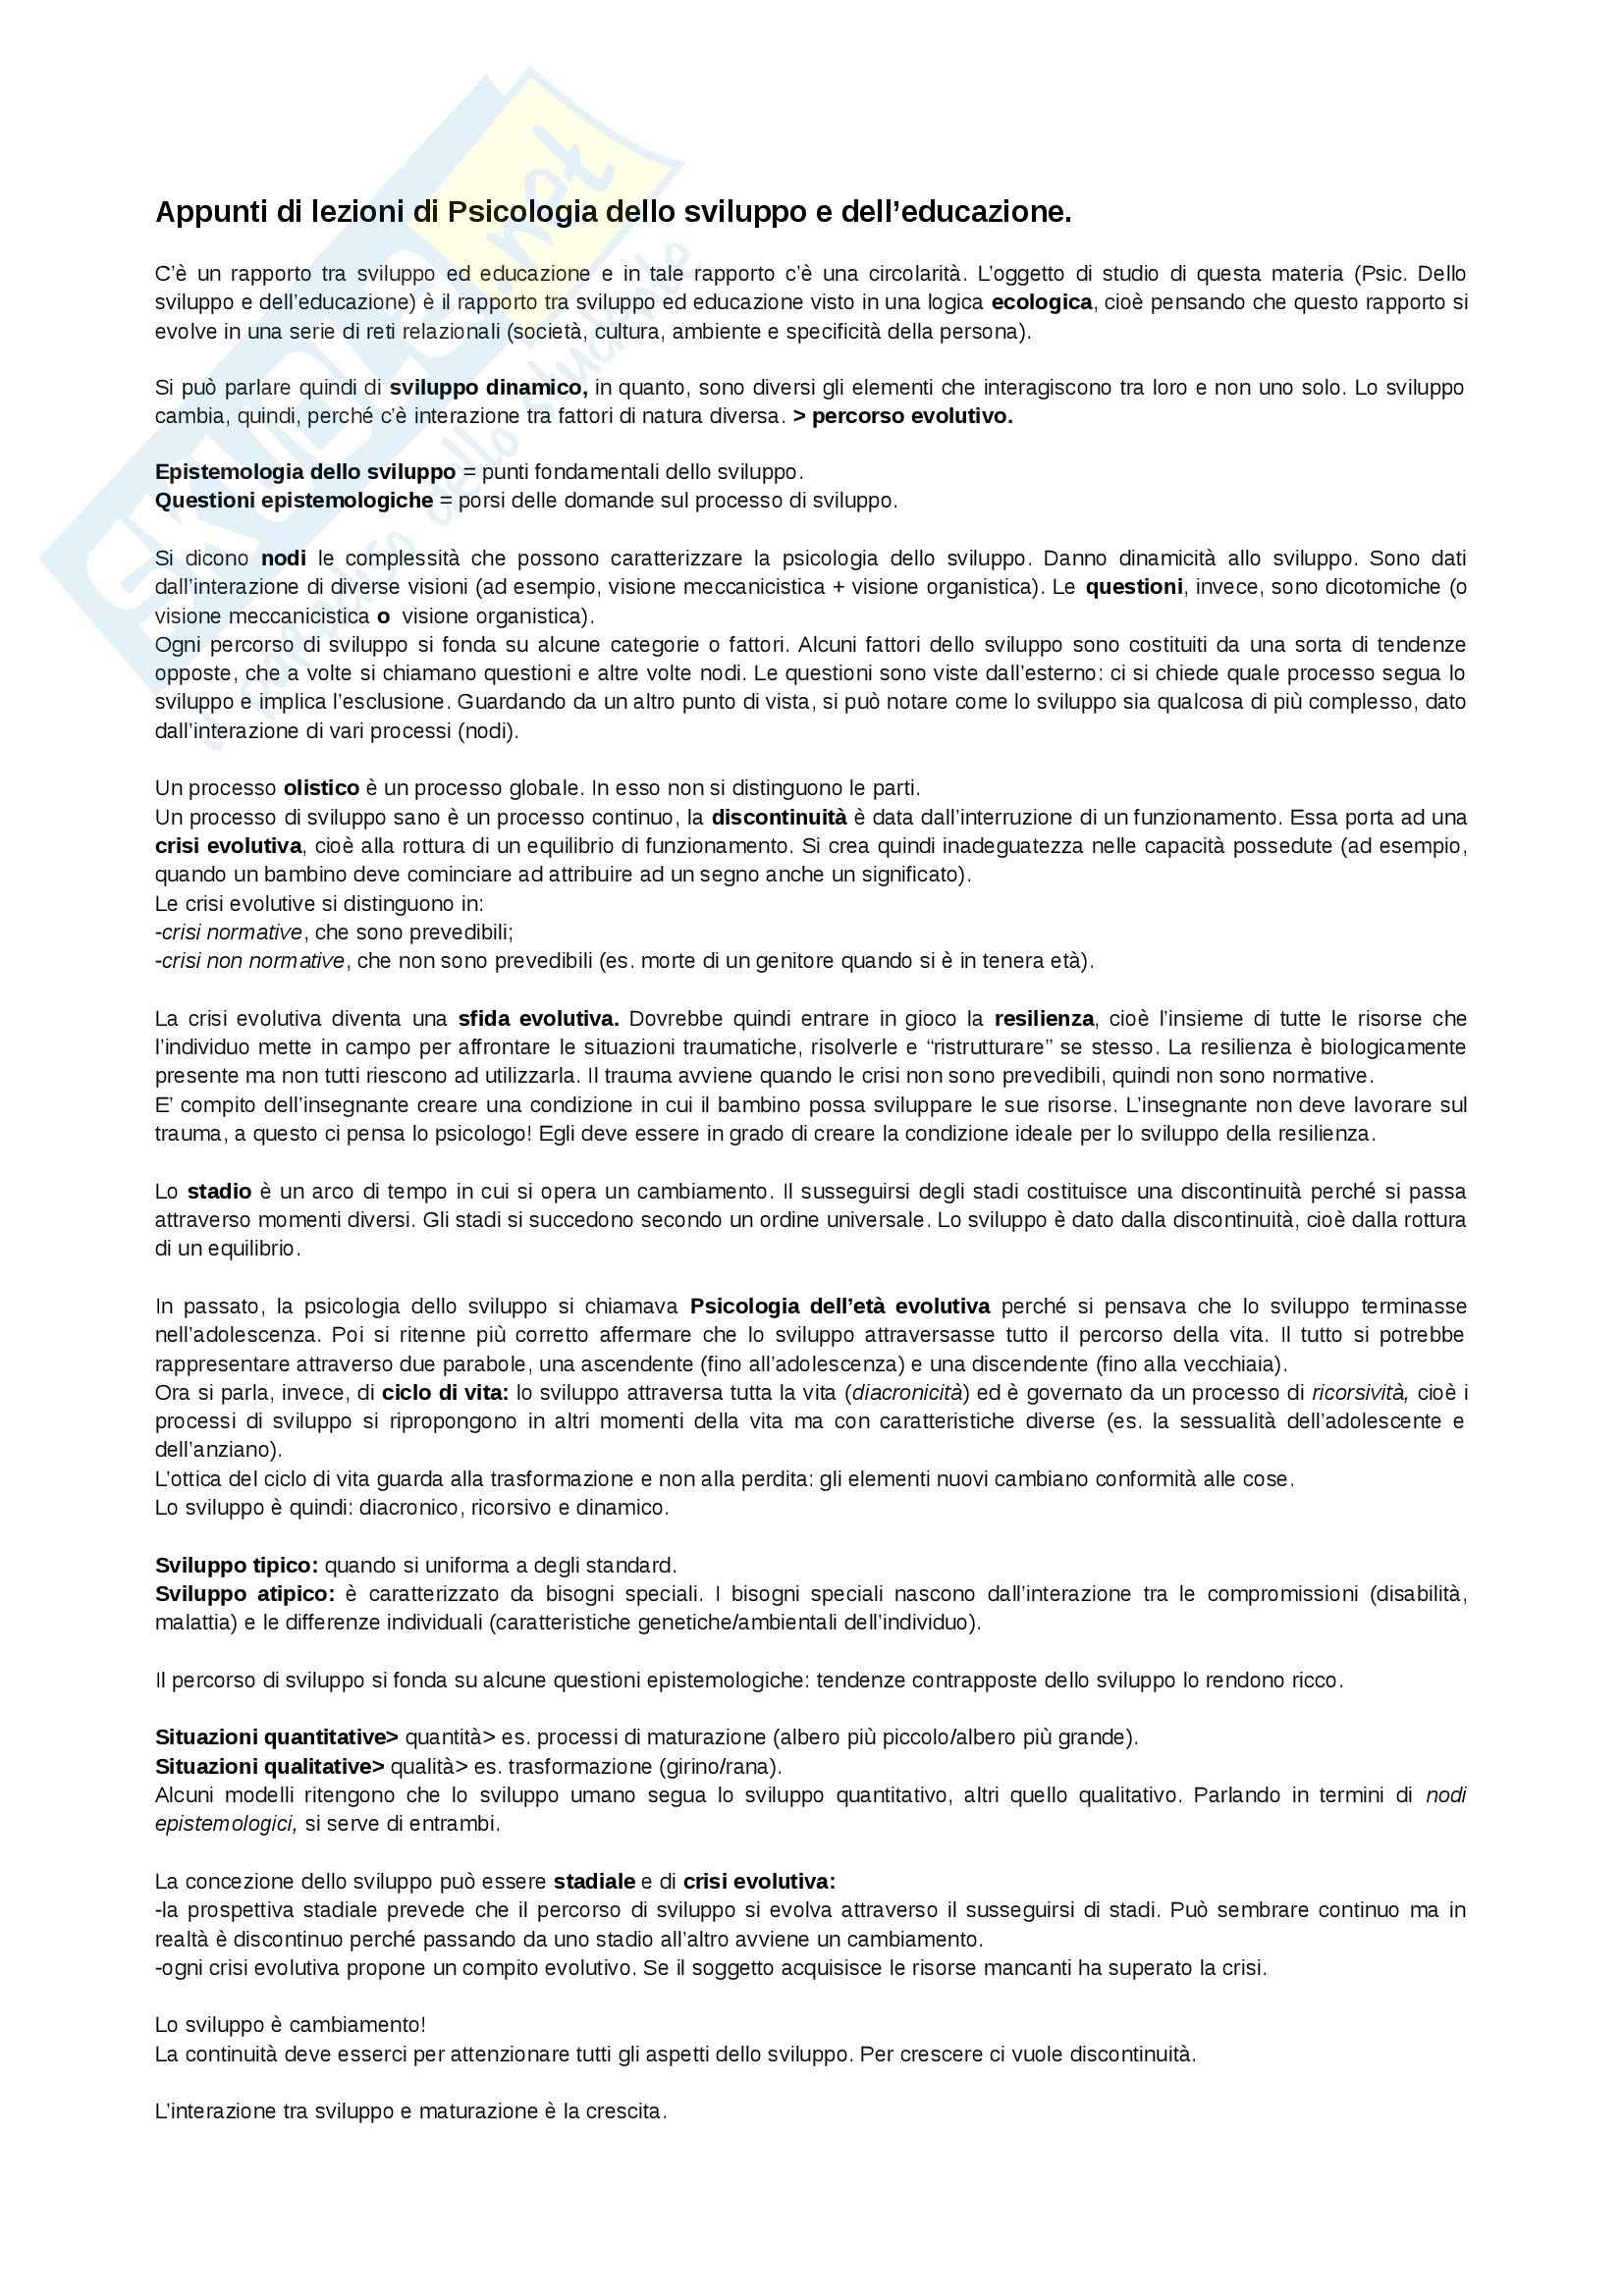 Psicologia dello sviluppo e dell'educazione - Appunti